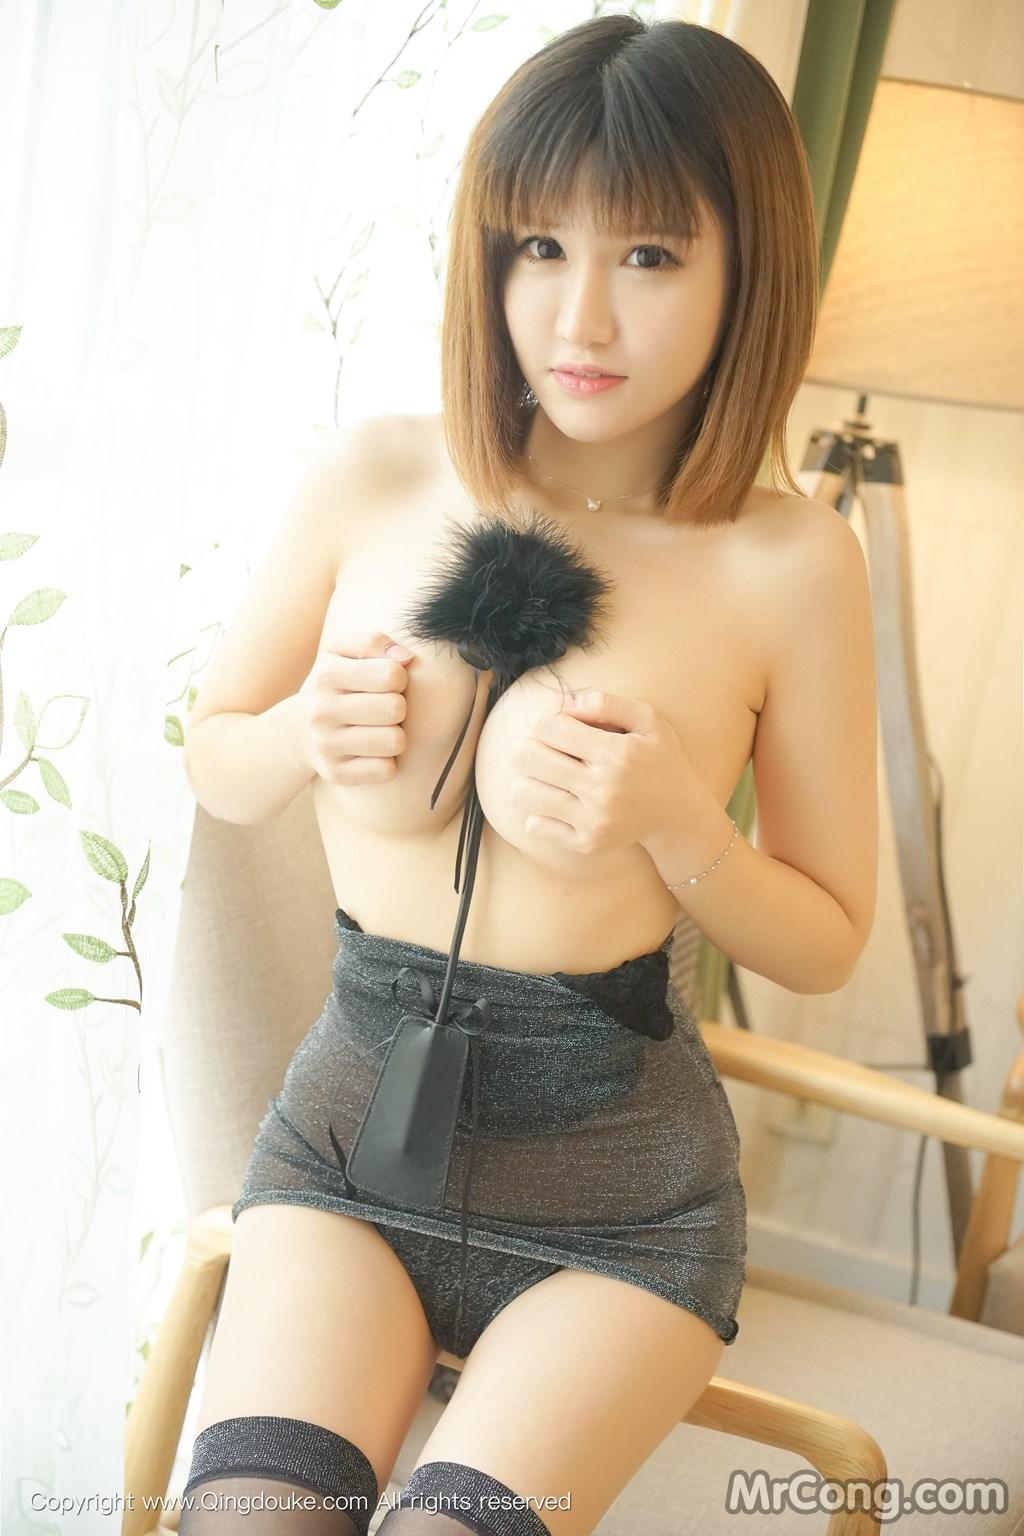 Image MrCong.com-QingDouKe-2016-11-21-K8-Aojiao-Meng-Meng-Vivian-006 in post QingDouKe 2016-11-21: Người mẫu Aojiao Meng Meng (K8傲娇萌萌Vivian) (52 ảnh)